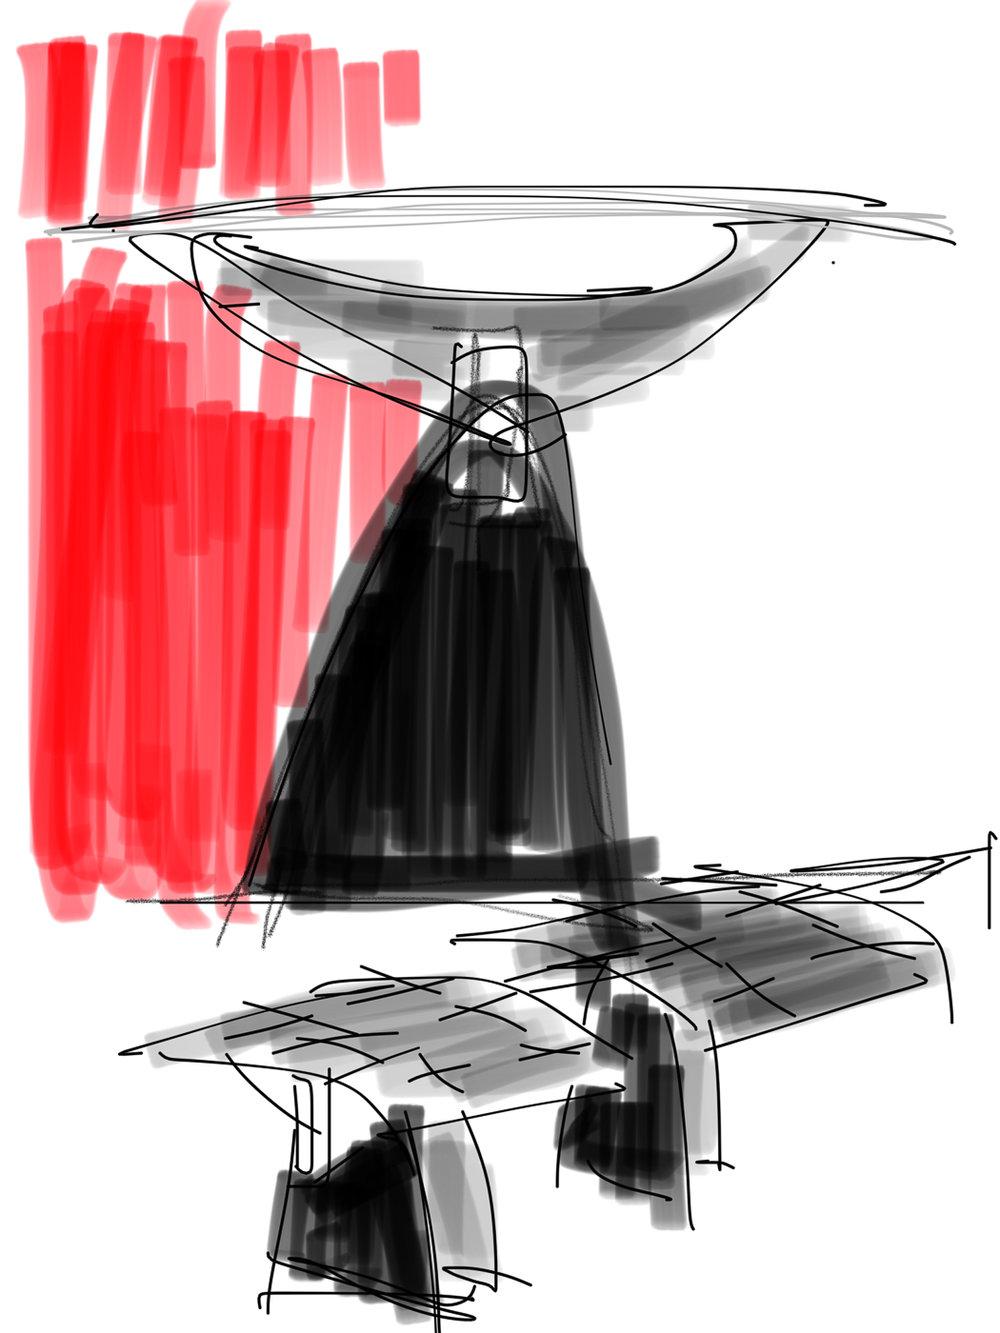 Sketch-525.jpg